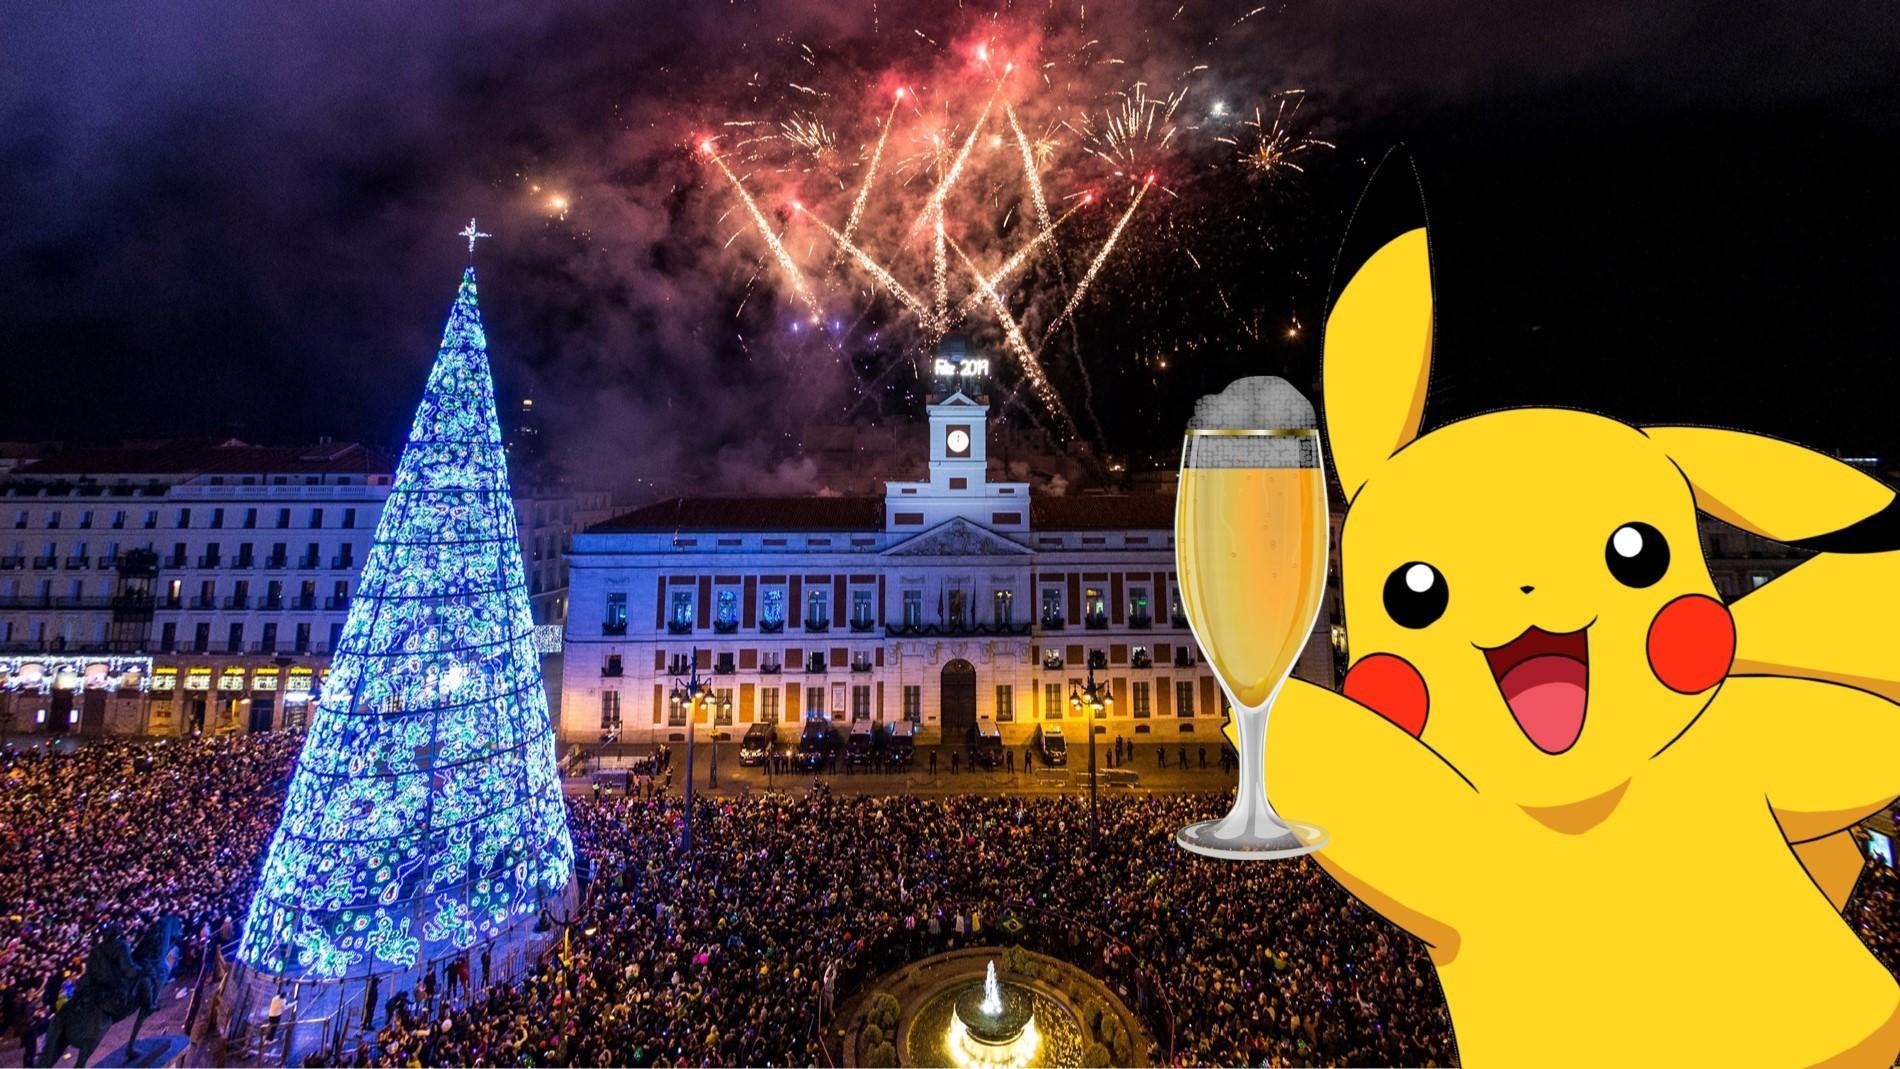 Pikachu Pokemon 2019